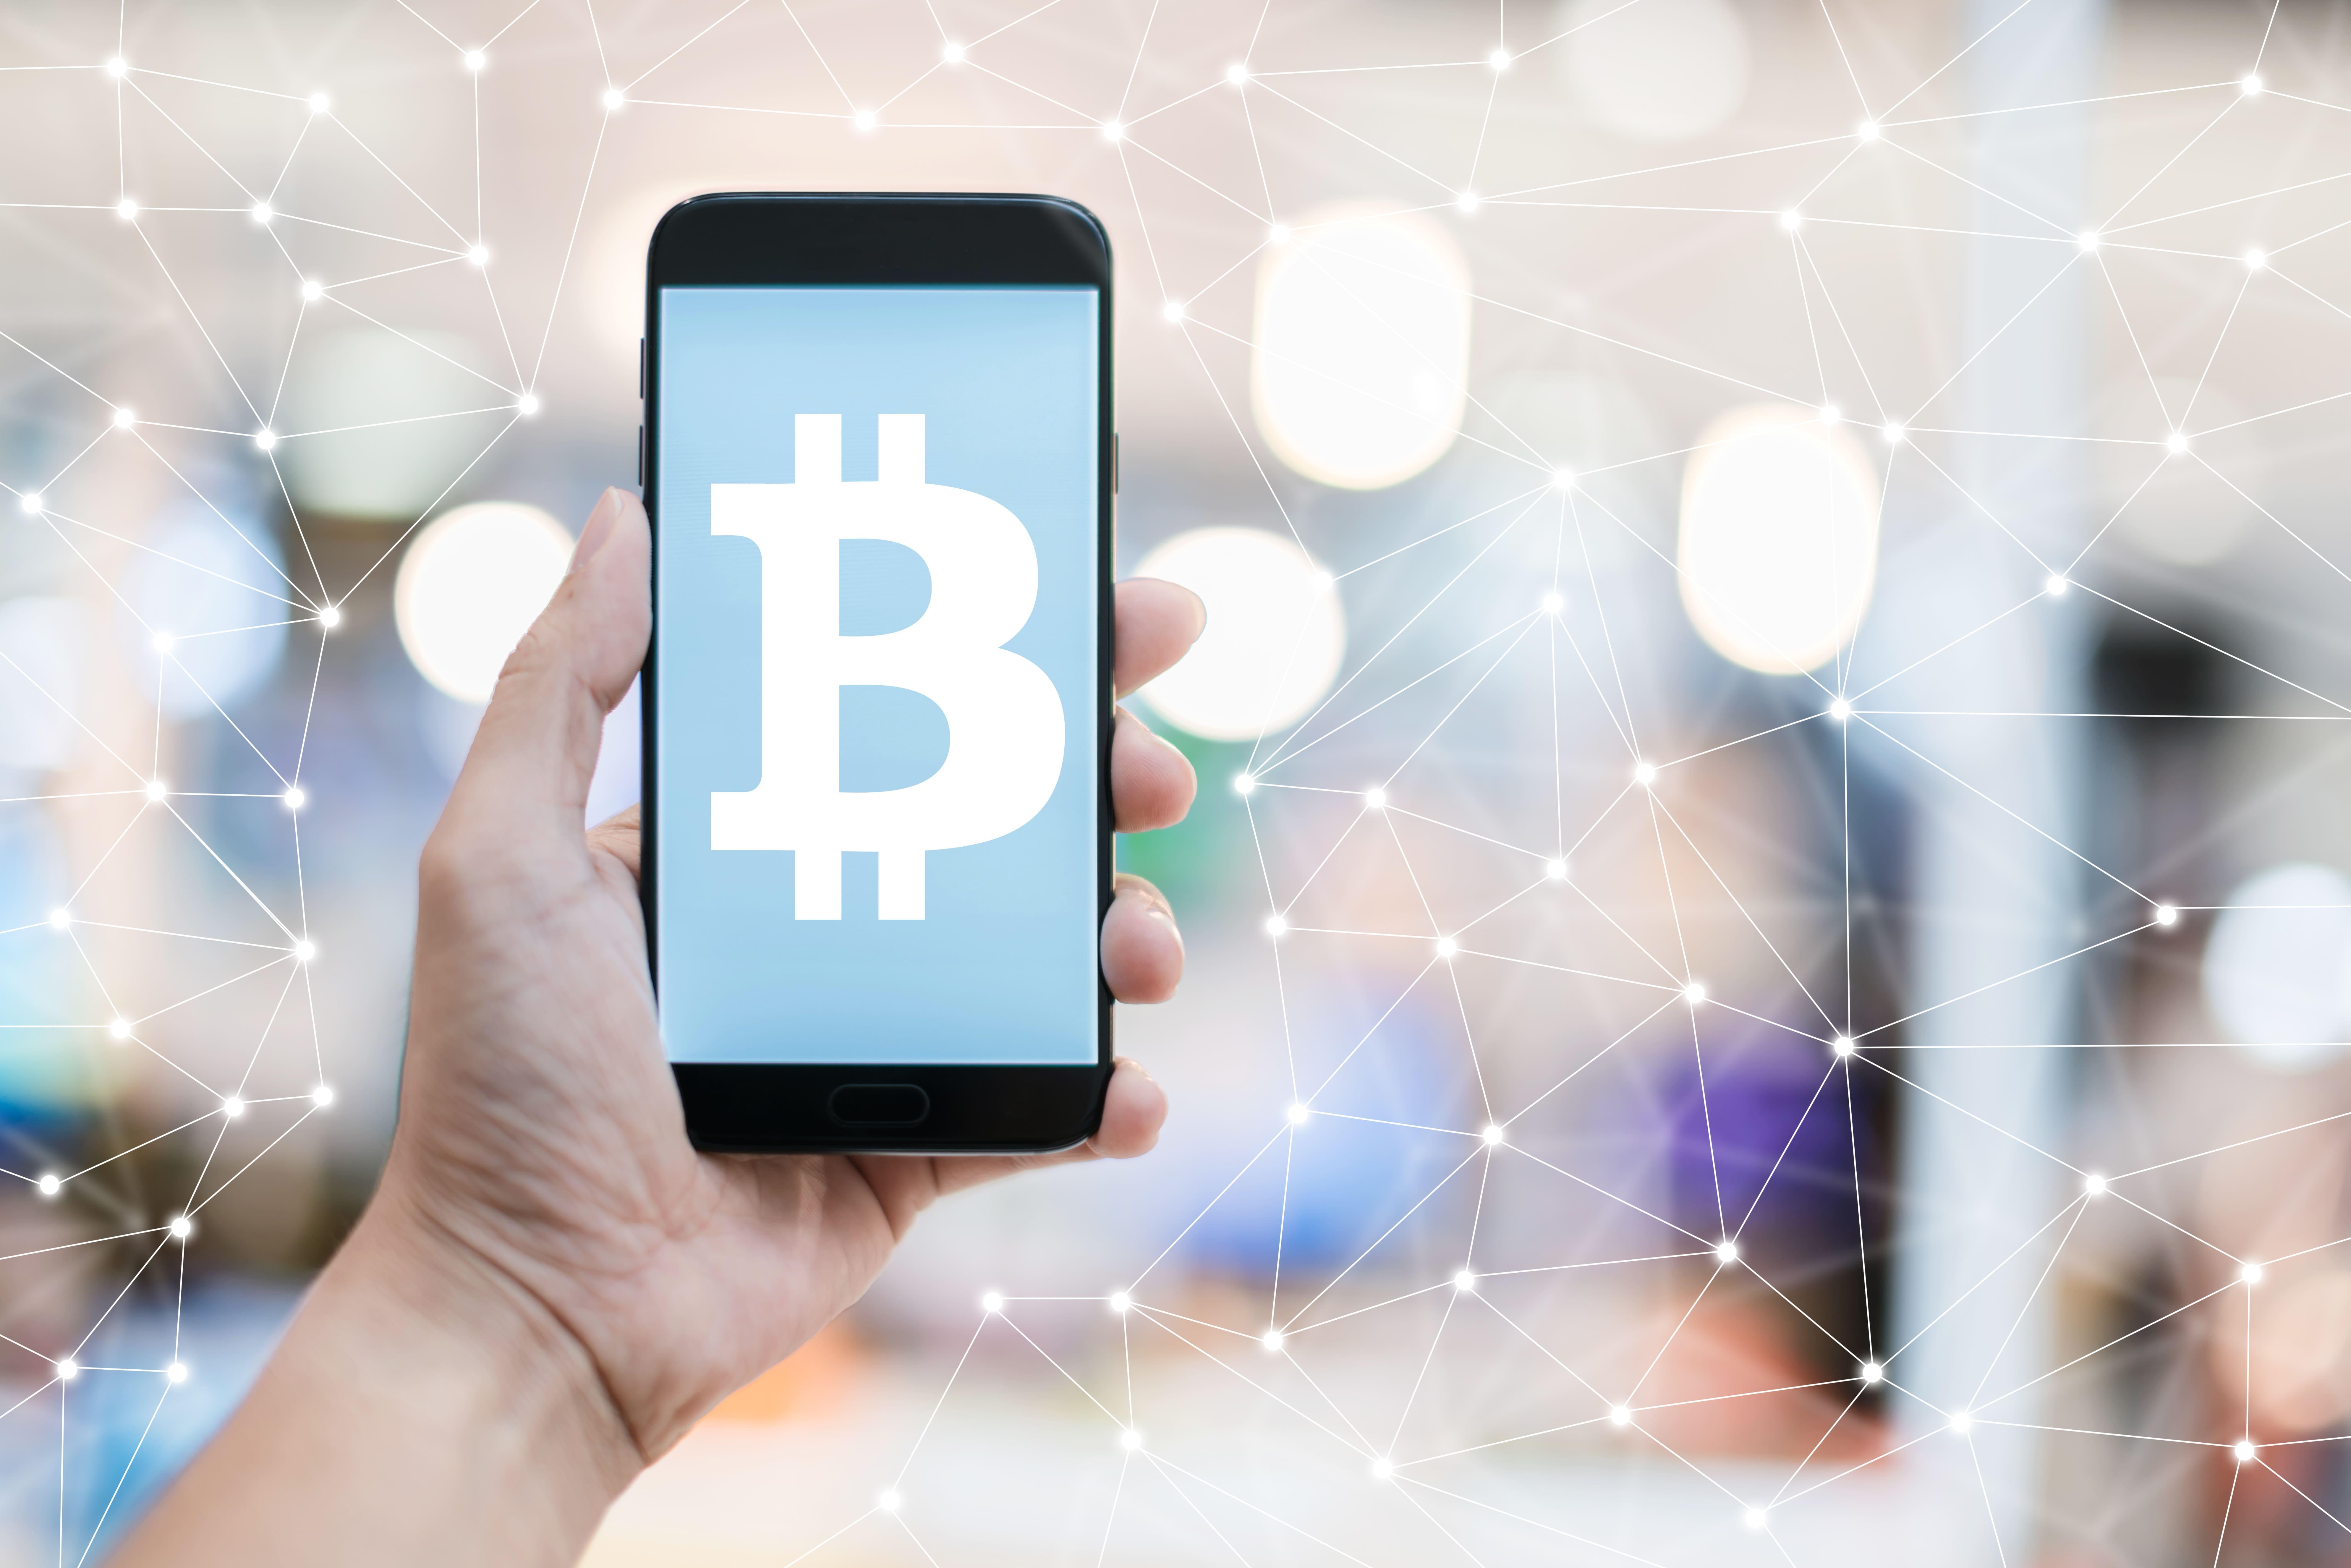 取引所アプリだけじゃない!仮想通貨取引に必要な5種類のアプリ